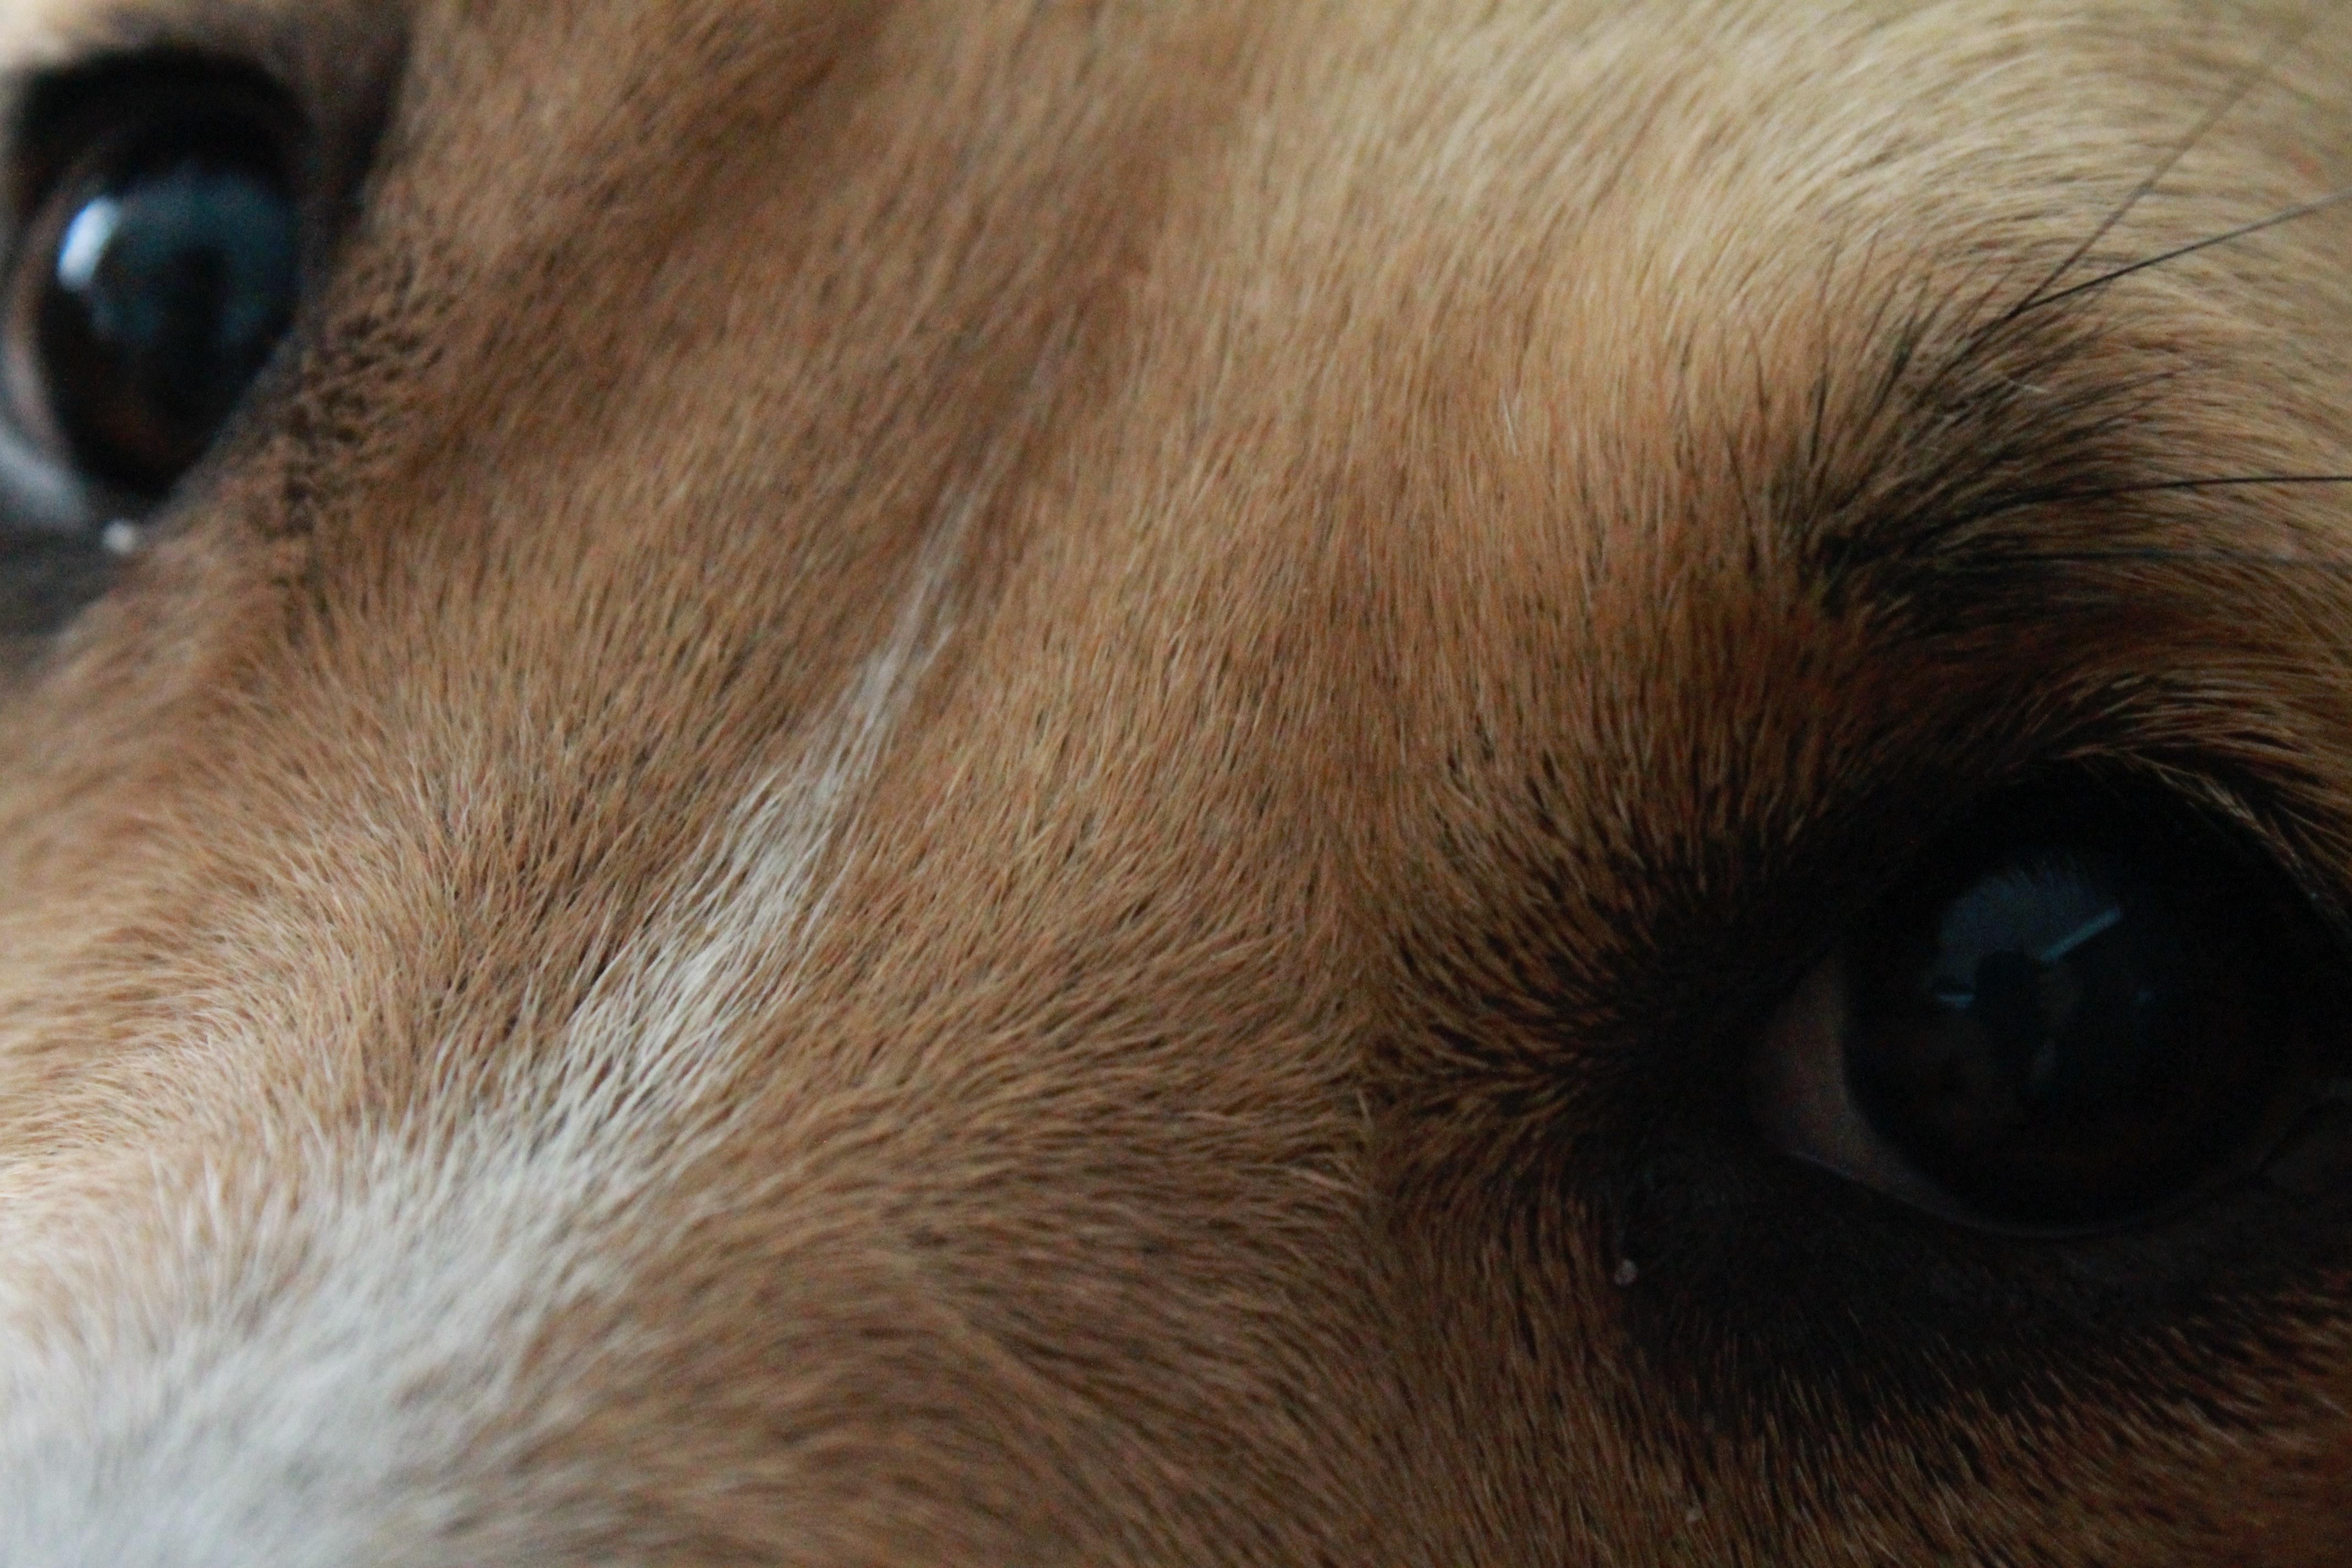 Free stock photo of close-up view, dog, dog eyes